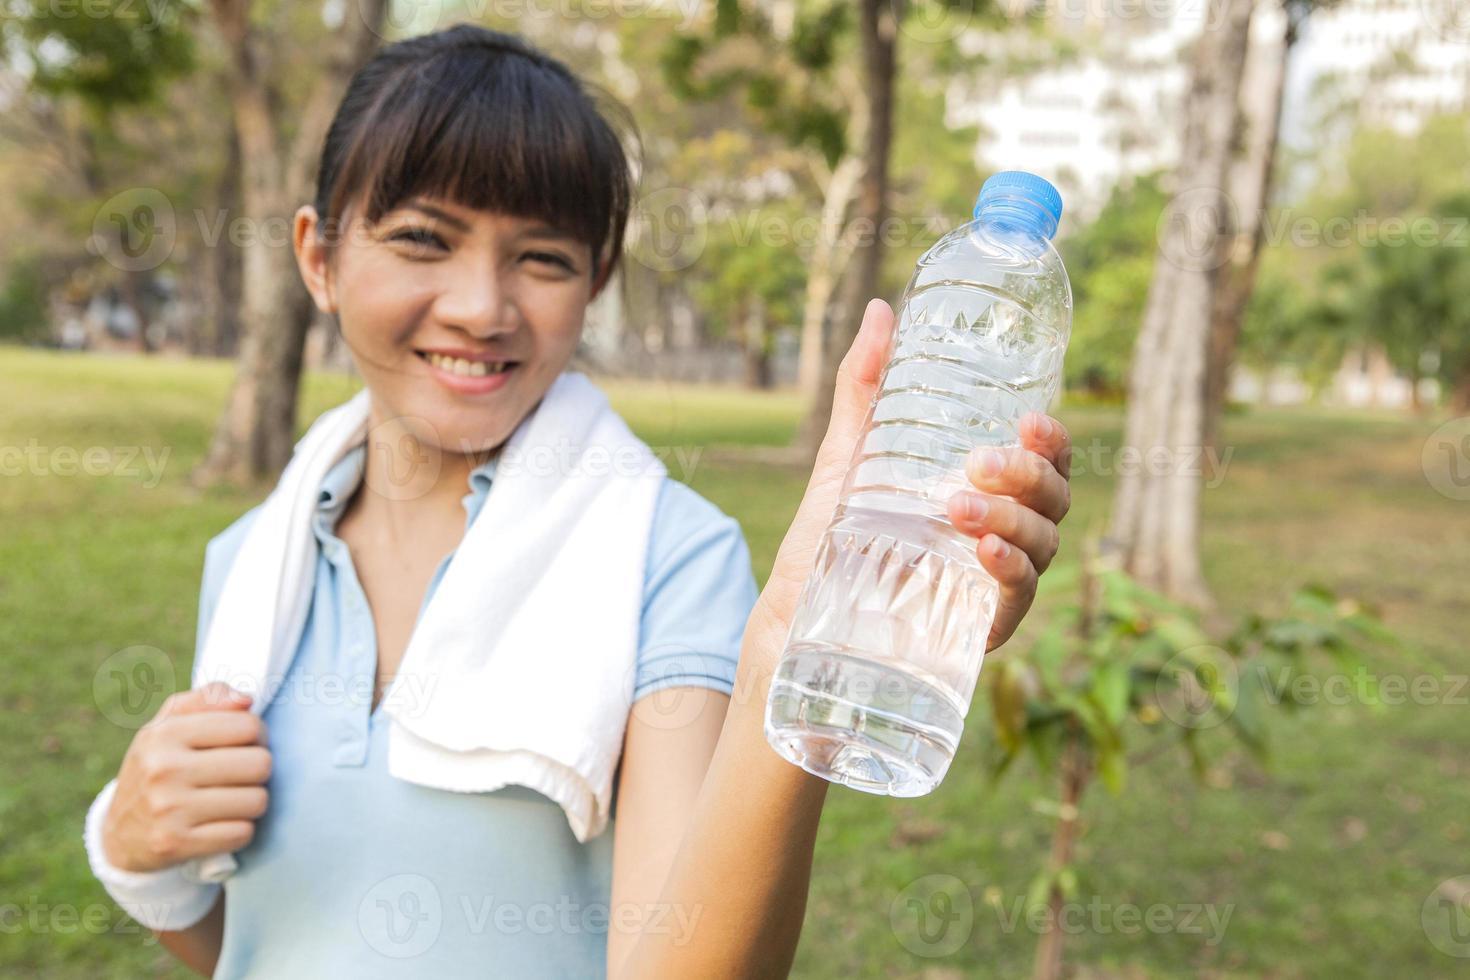 asiatisk sportkvinna som ler visningsflaska vatten foto